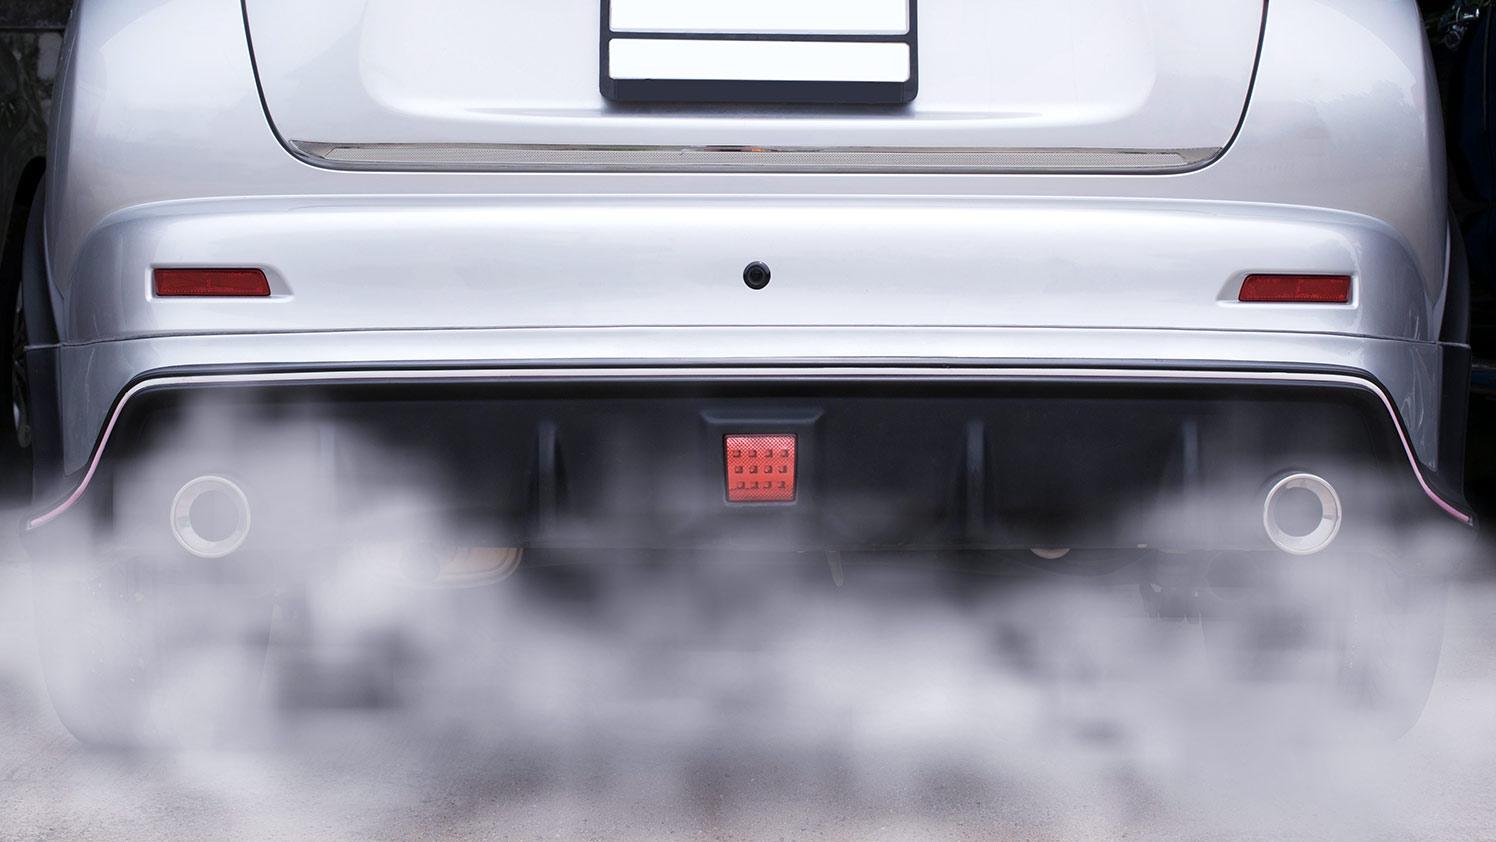 Arrière de véhicule à double tuyau d'échappement